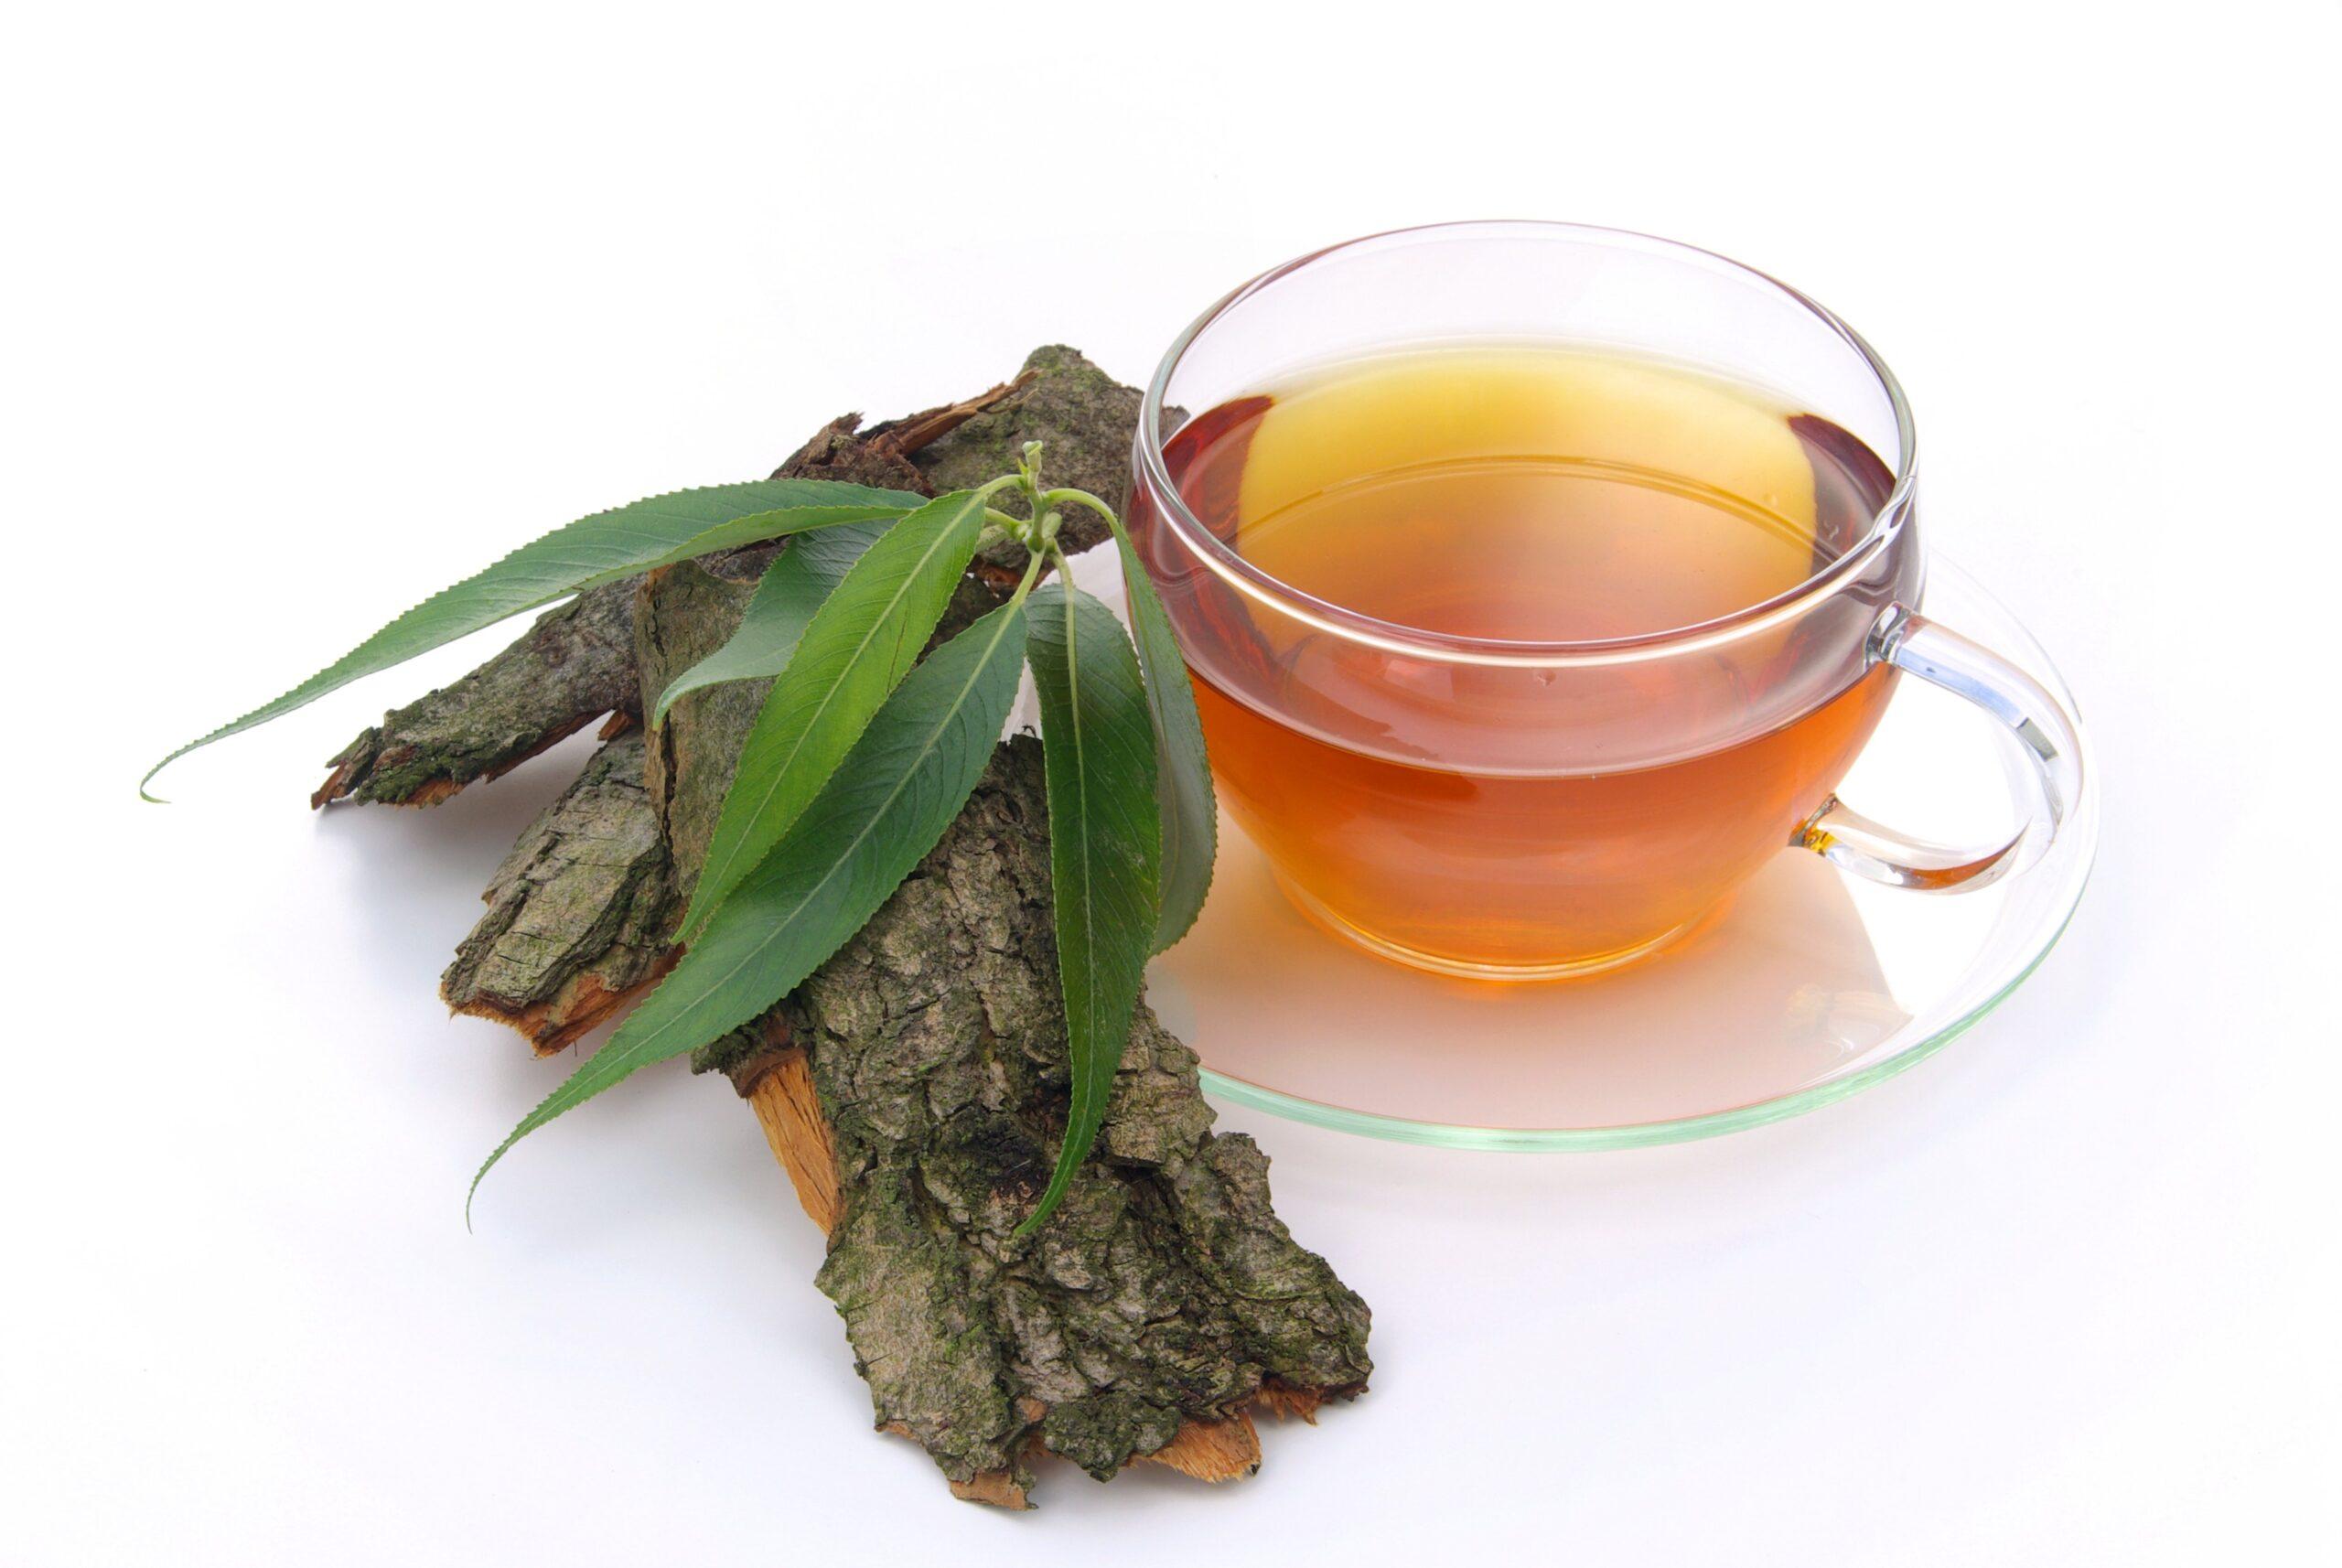 Ceaiul de salcie – tratament natural împotriva durerilor. Iată ce afecțiuni poți trata cu acest remediu